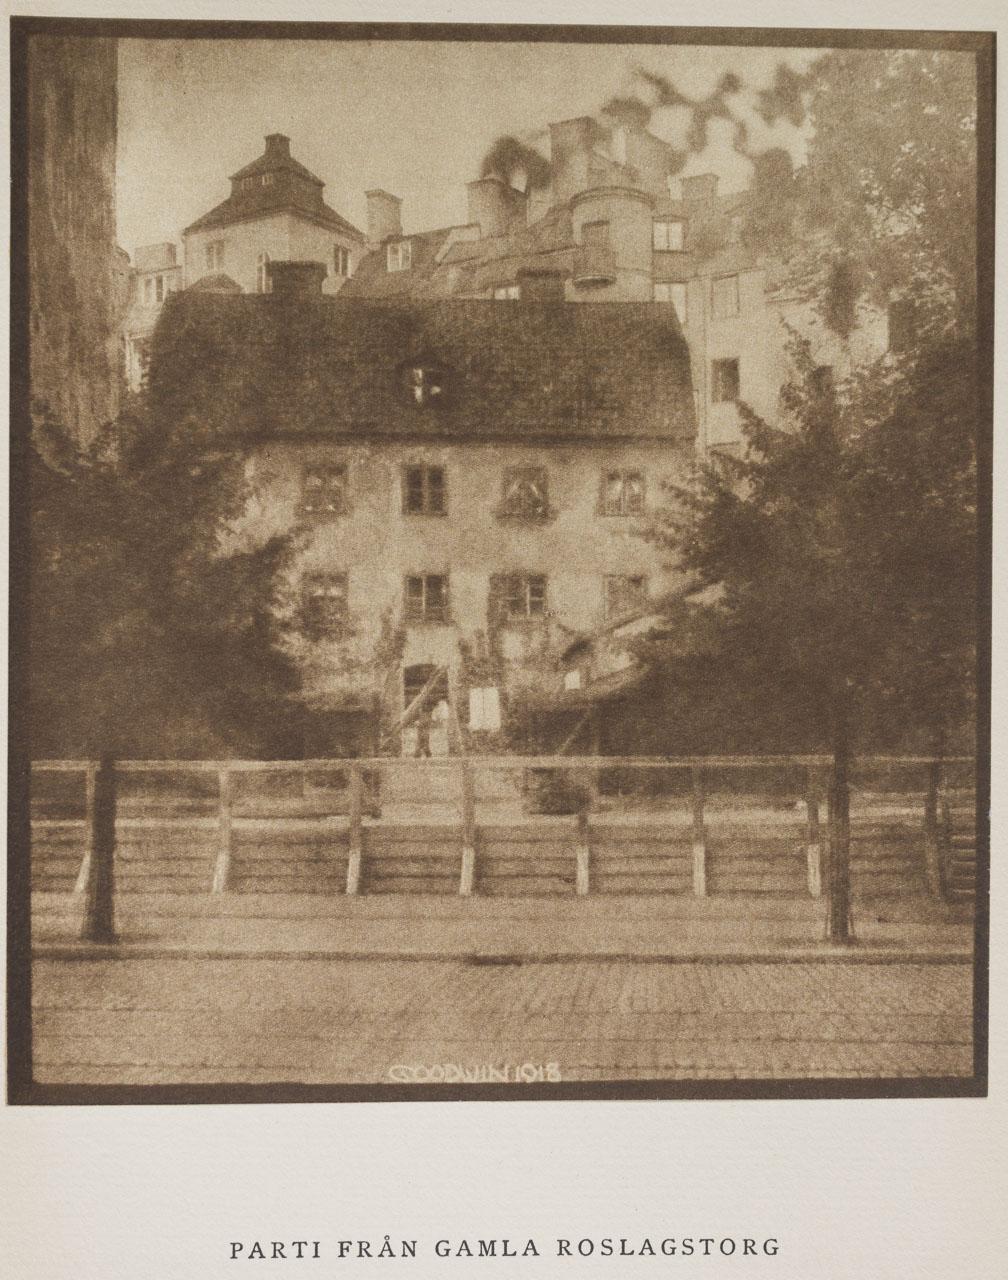 vartvackrastockholm-19.jpg